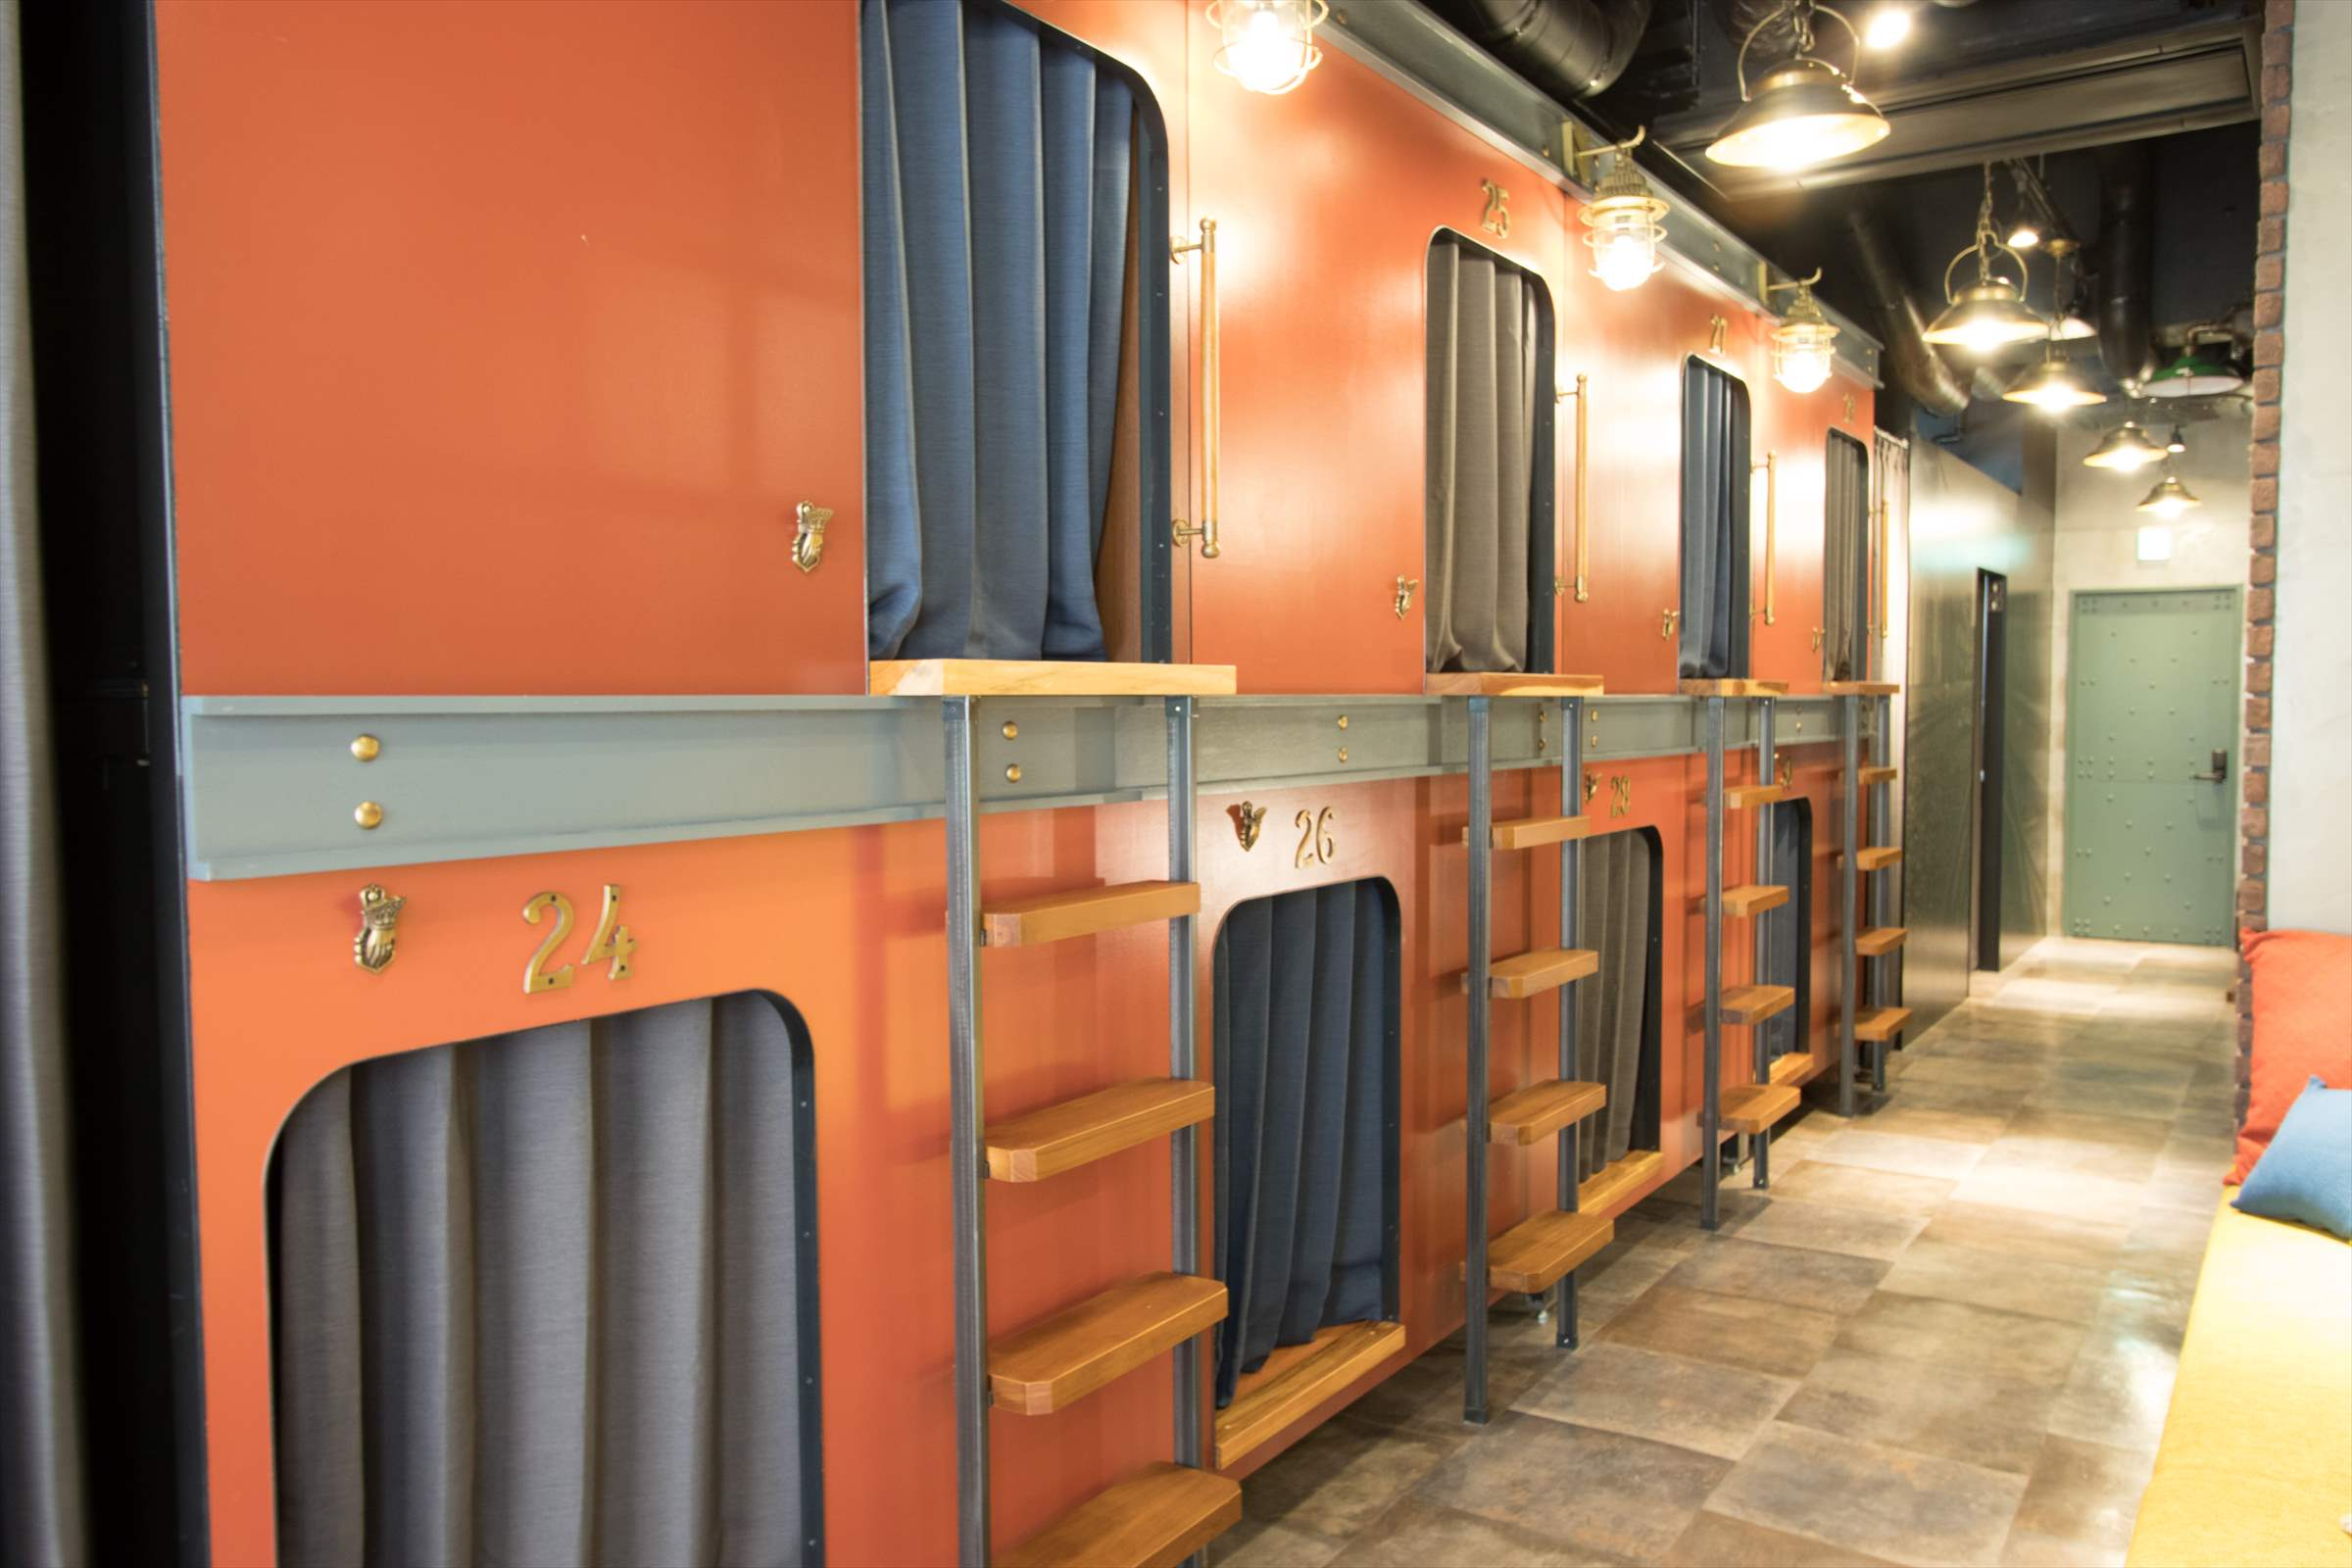 豪華寝台列車をイメージした個室デザイン